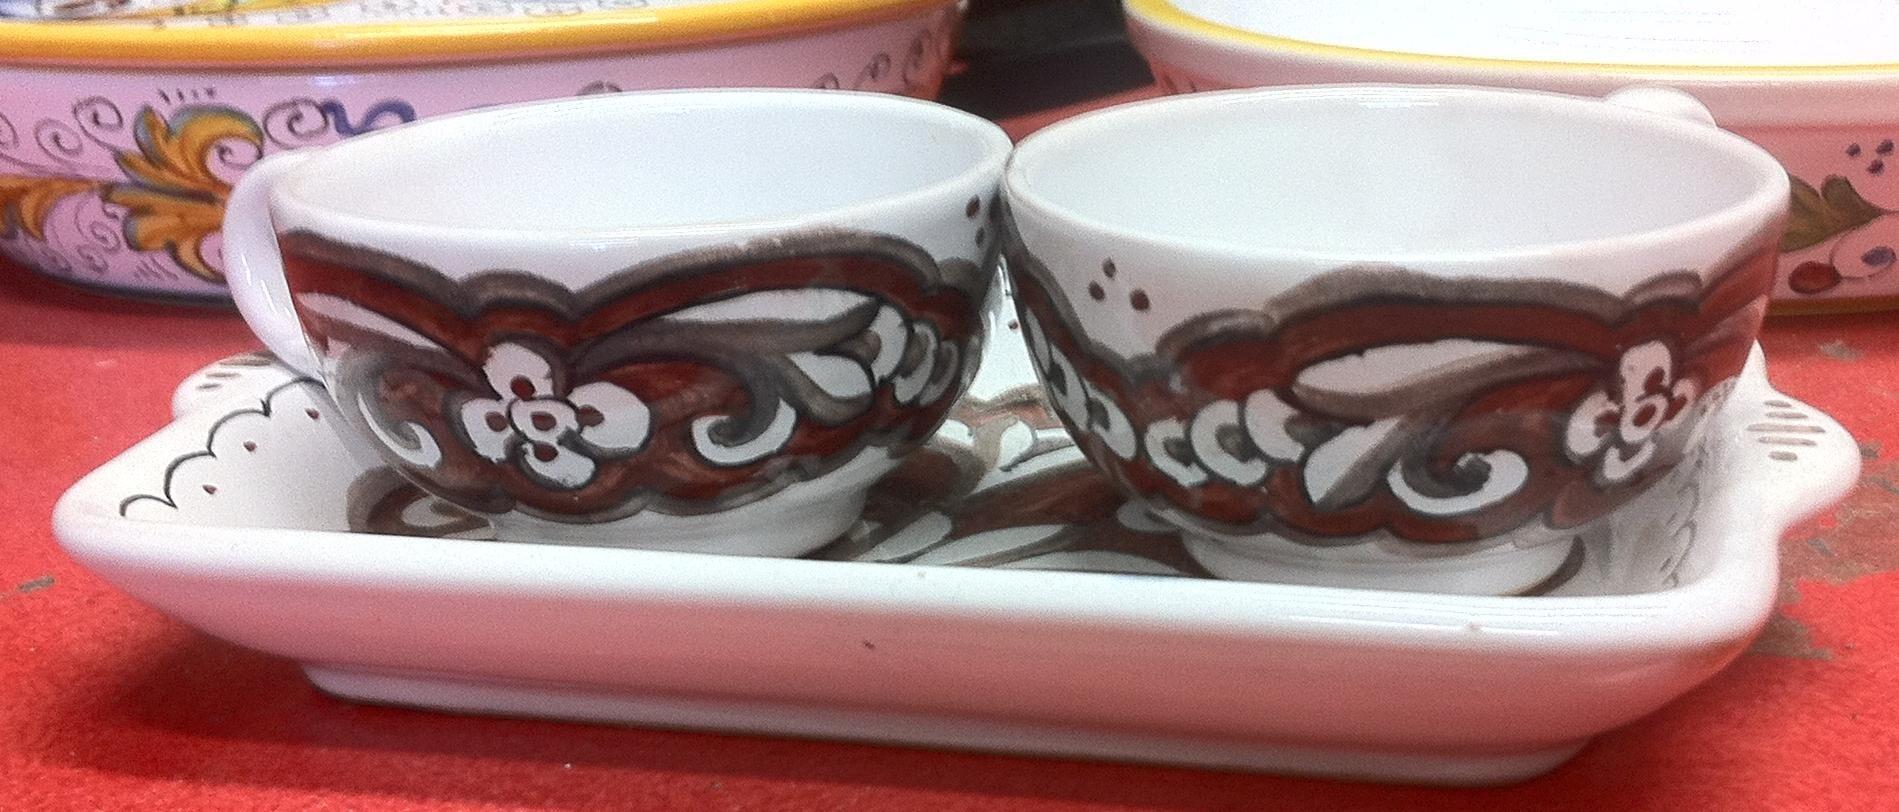 Tre elementi: 2 tazzine a coppa con base larga e un piccolo vassoio    Tutto dipinto a mano con le combinazioni floreali tradizionale delle Ceramiche di Deruta   Nella ...